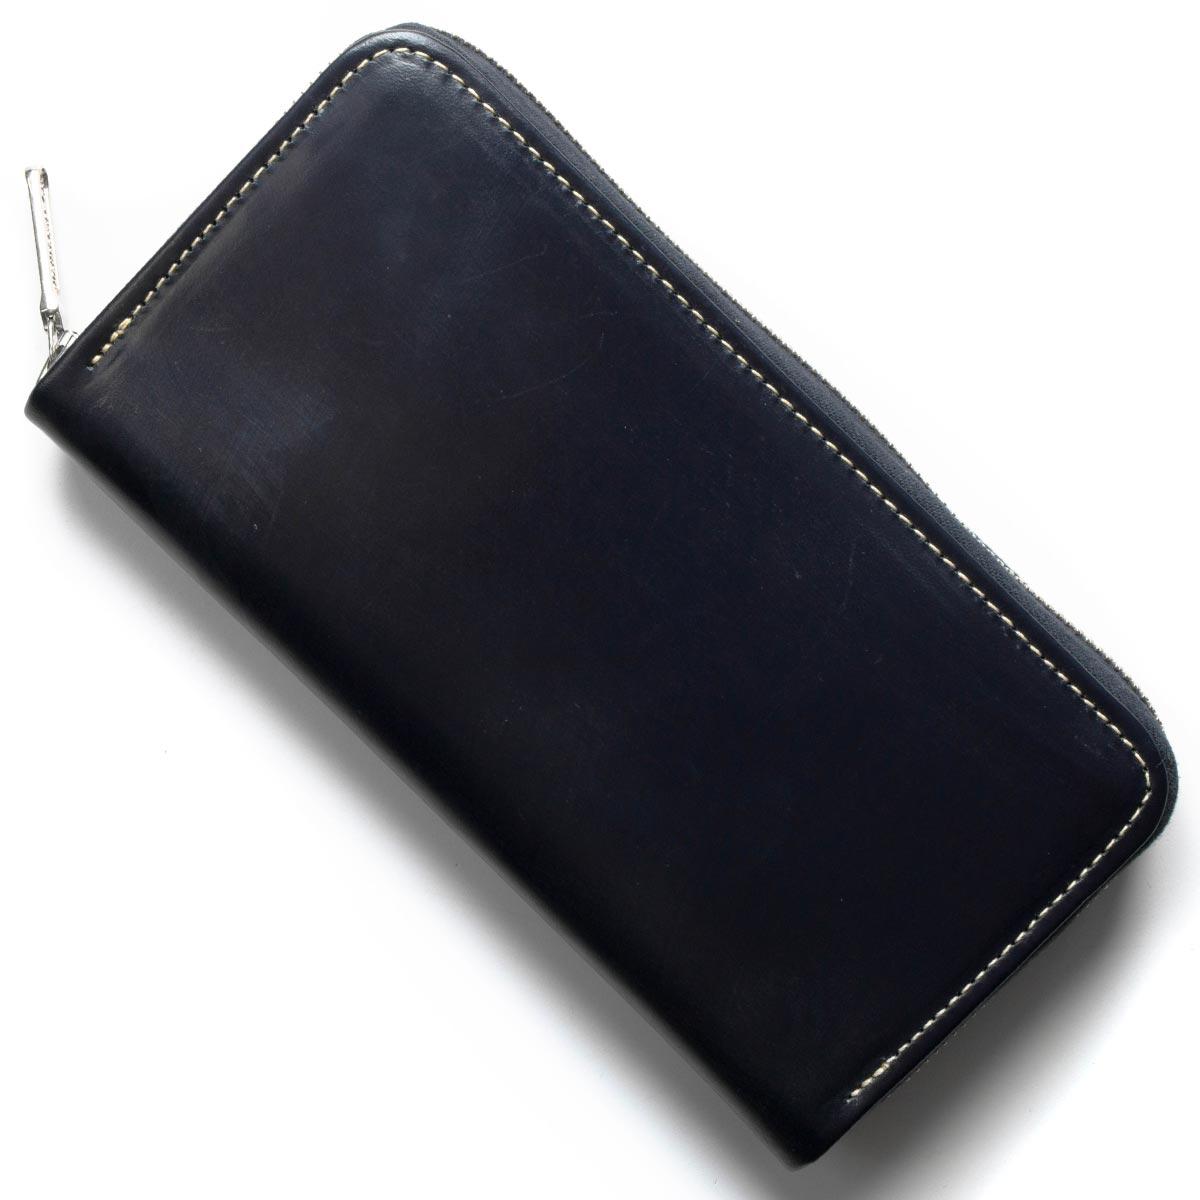 ホワイトハウスコックス 長財布 財布 メンズ エイジング ネイビー S2722 NAVY WHITEHOUSE COX